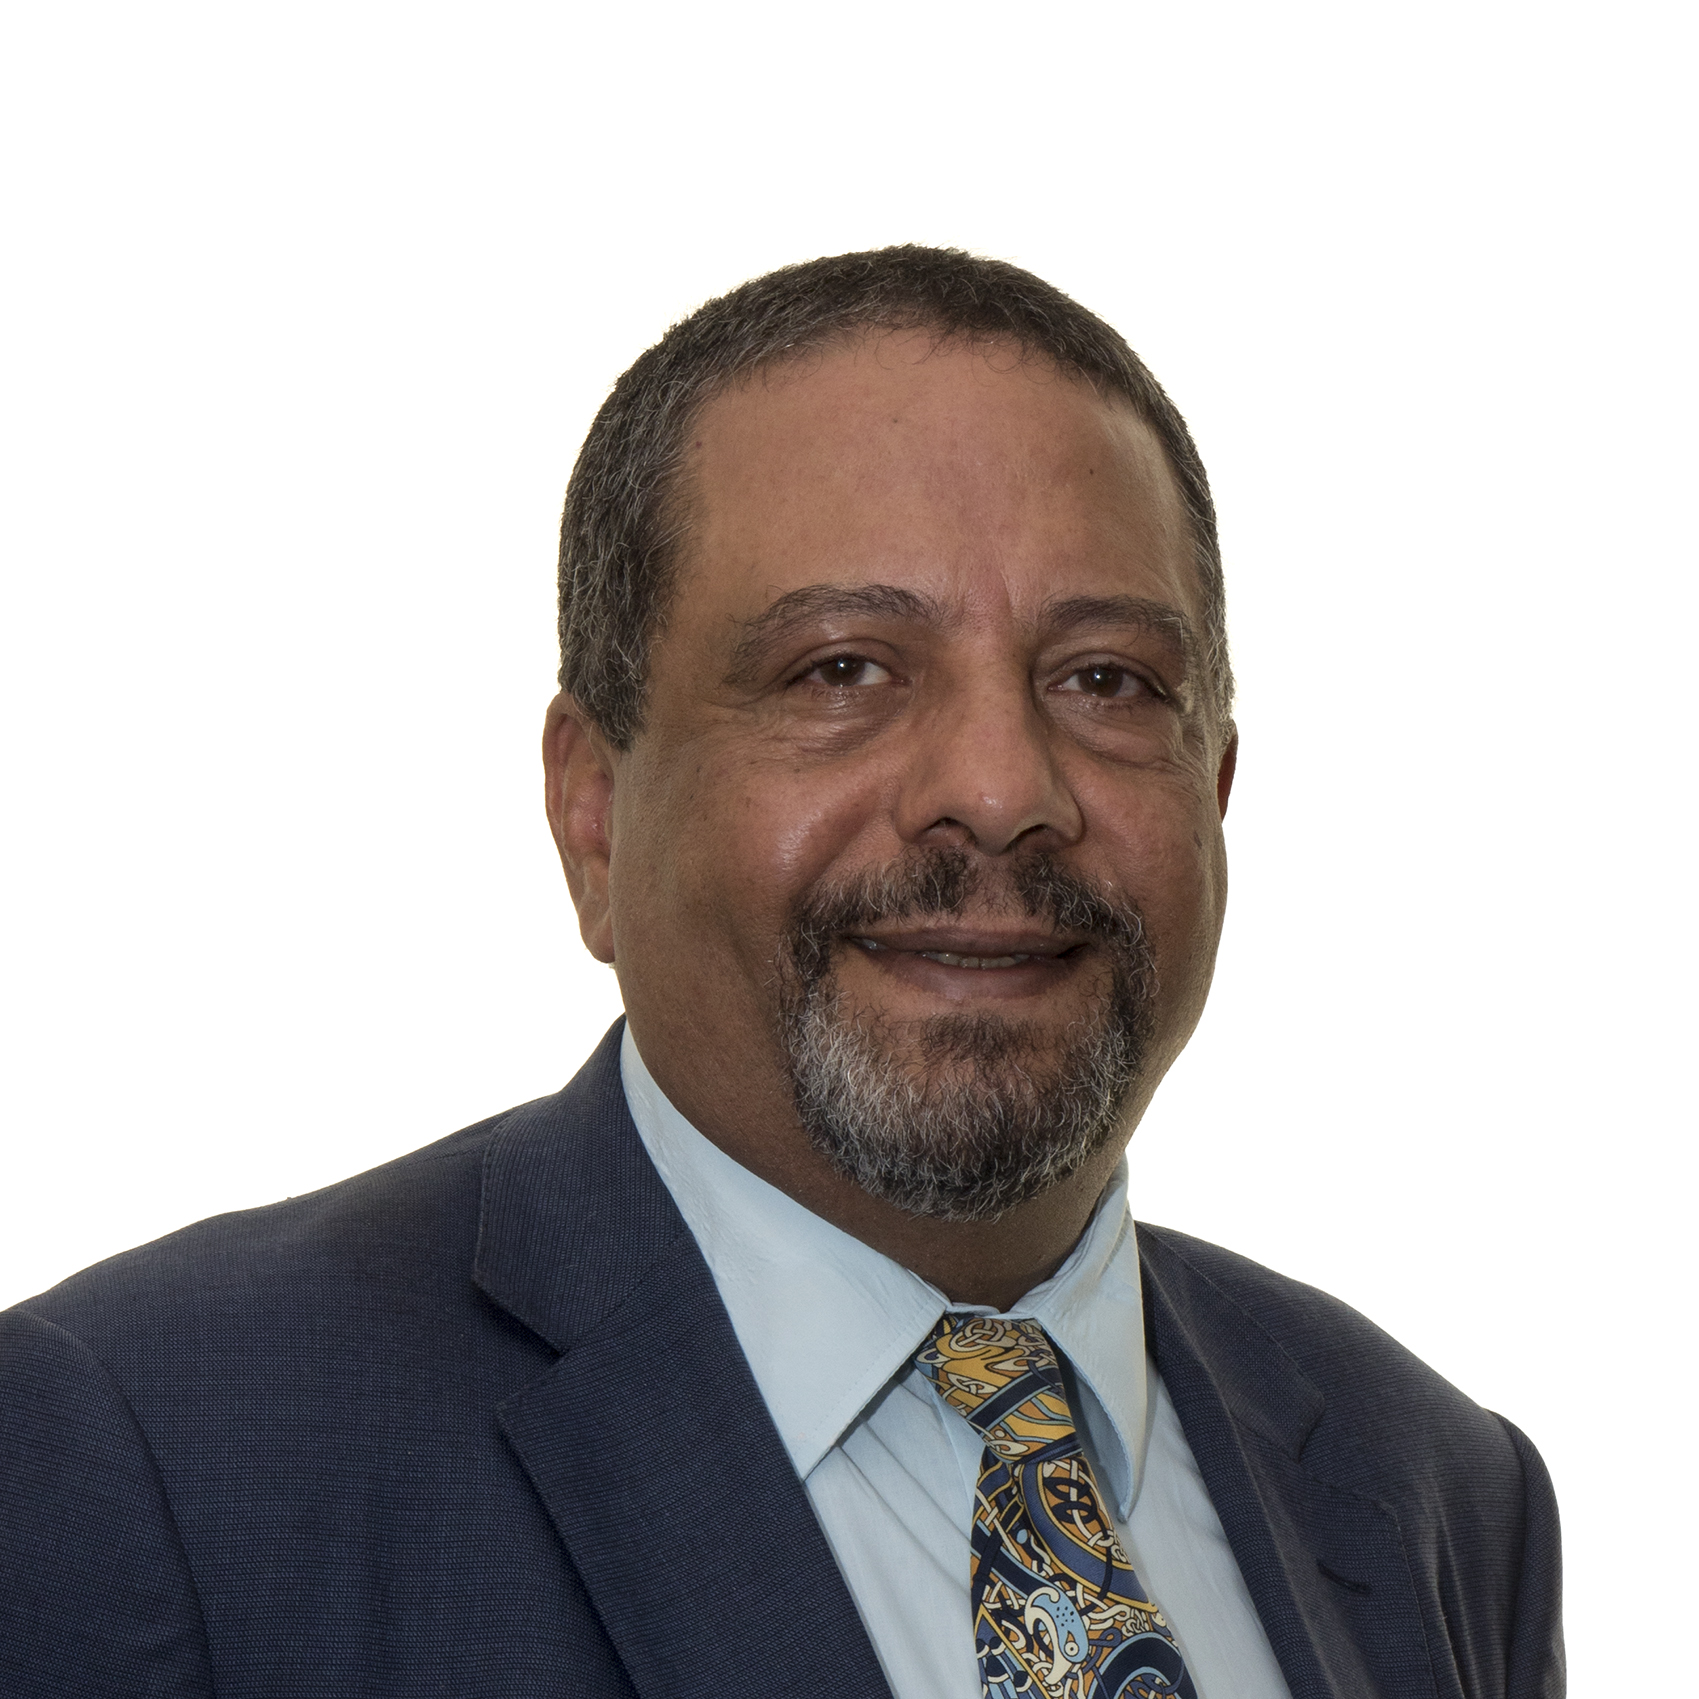 Mr Adel Makar